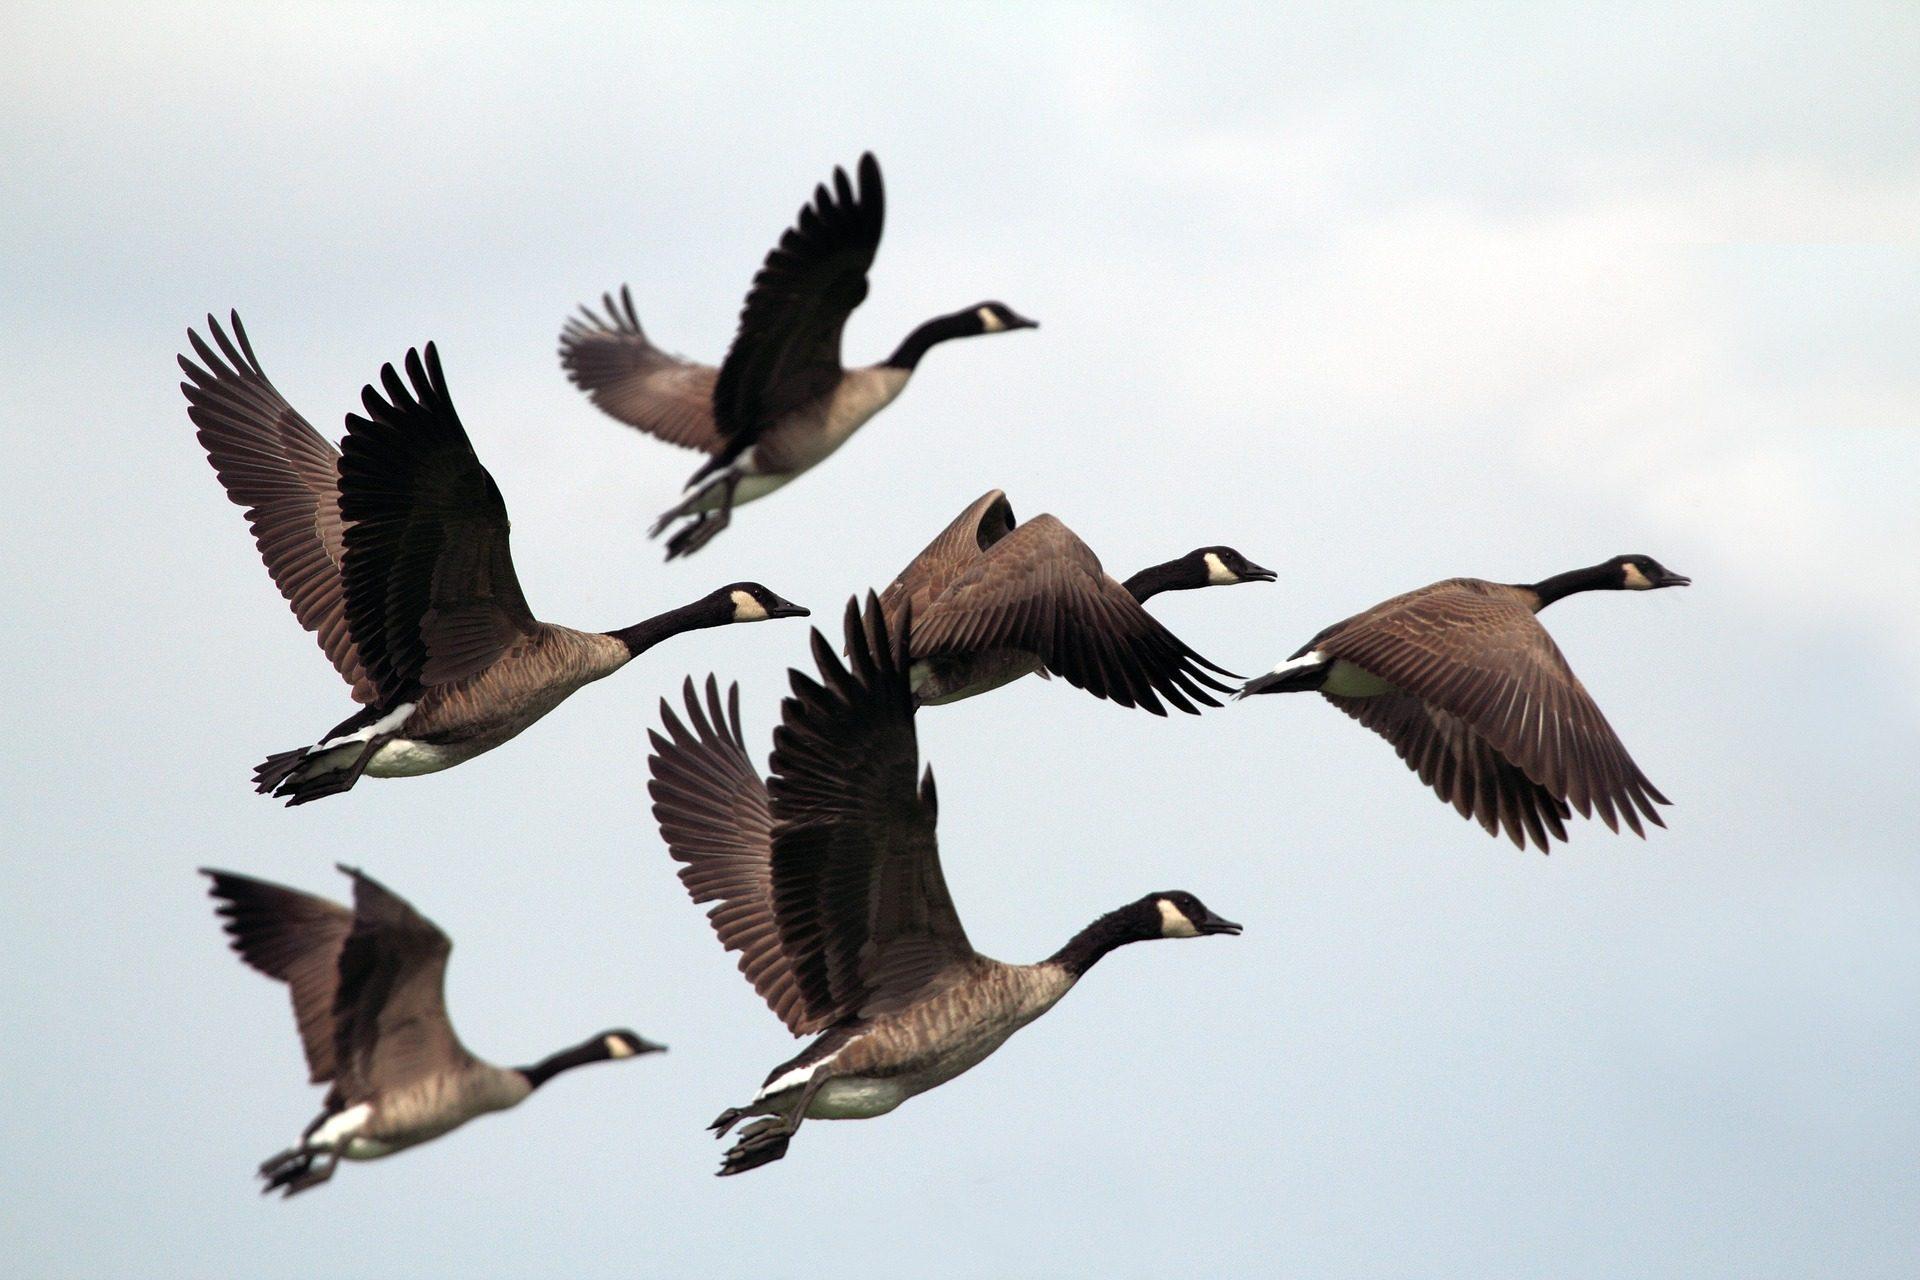 утки, Flock, Муха, миграция, Крылья, Небо - Обои HD - Профессор falken.com